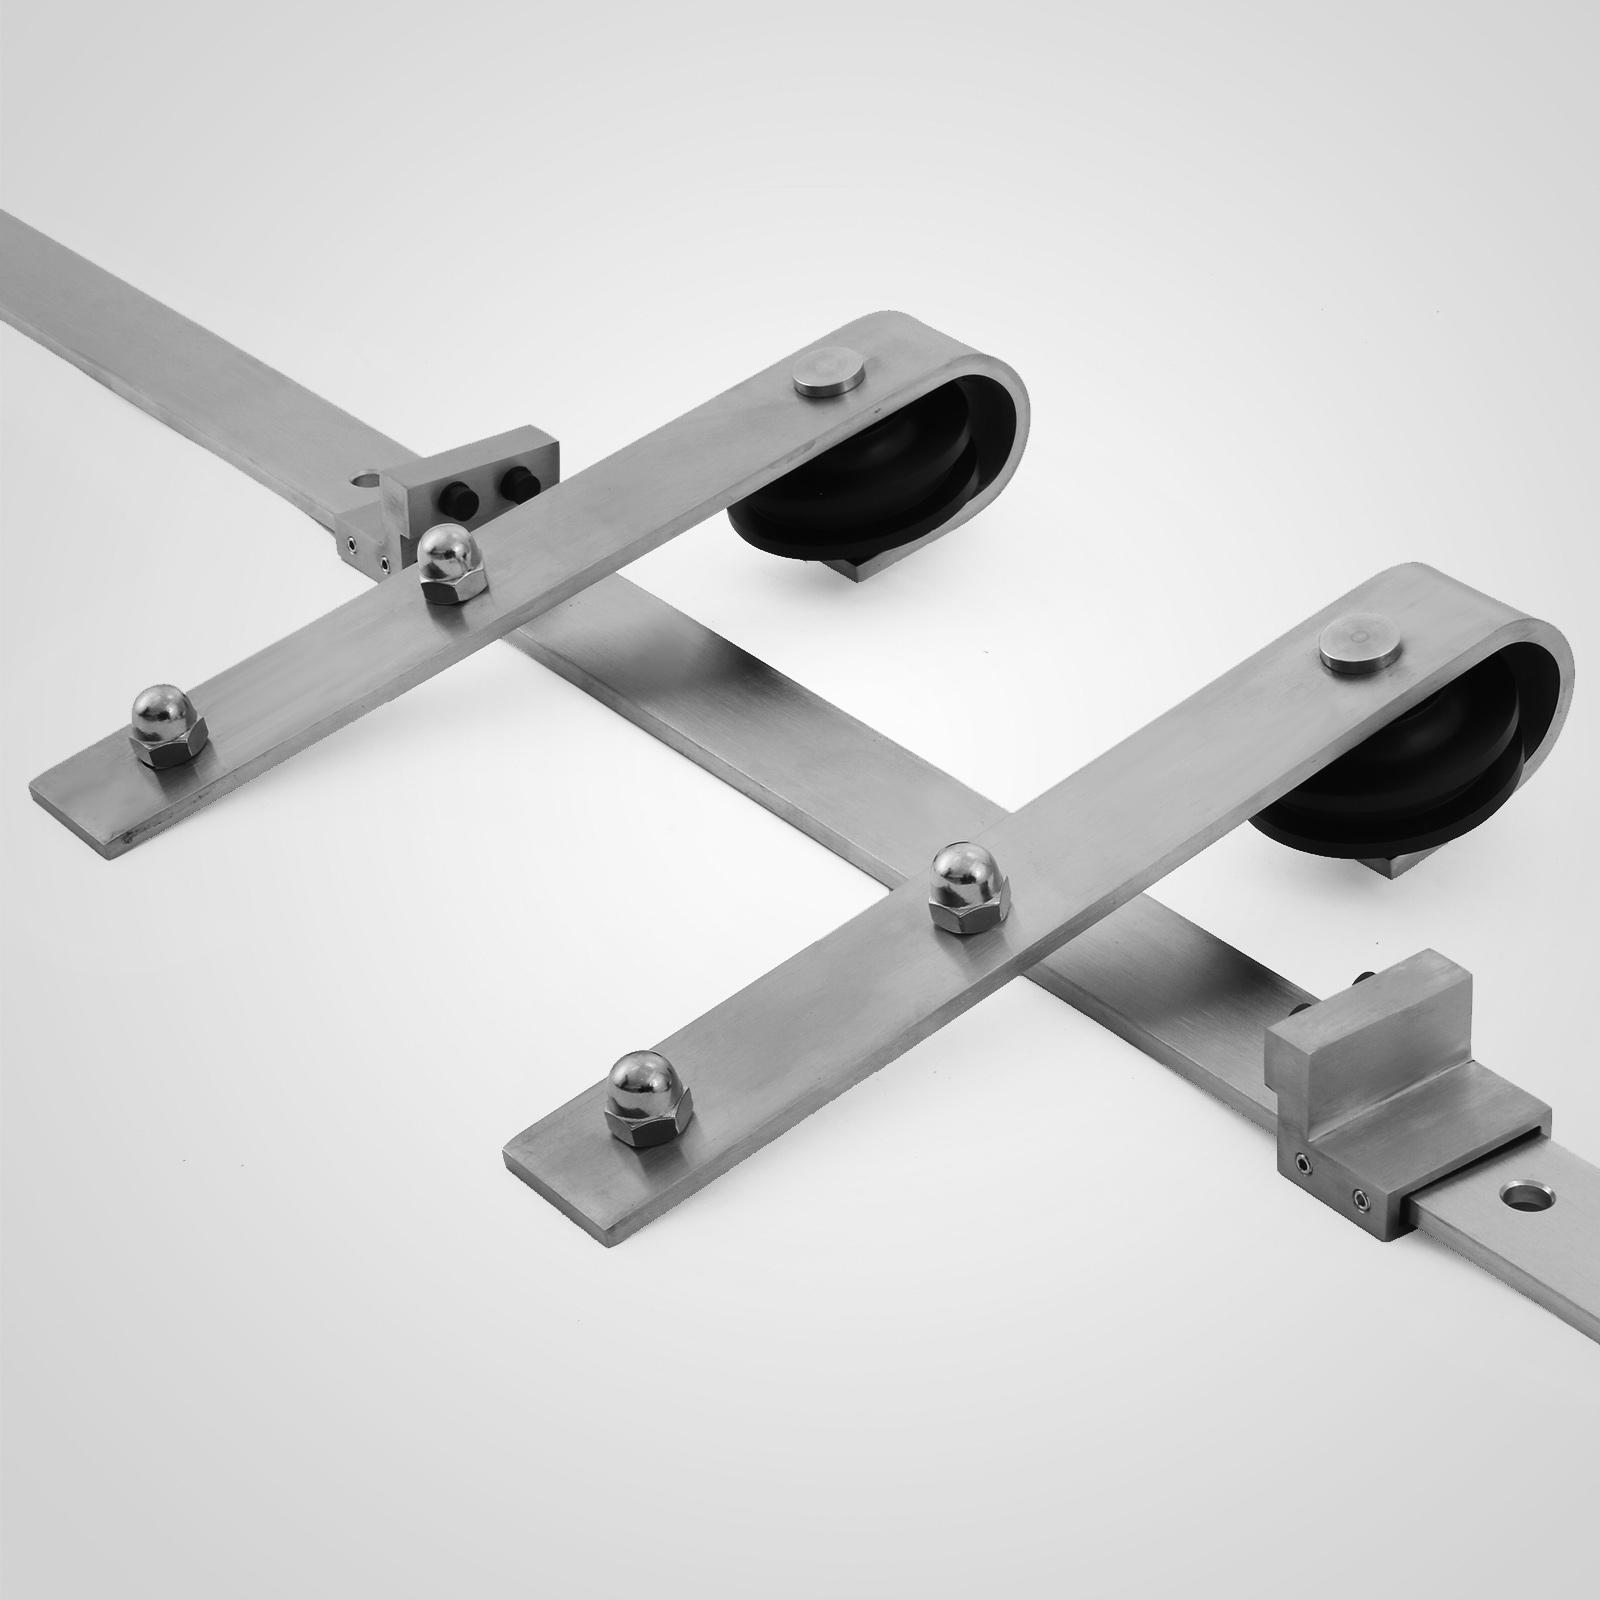 Sliding Barn Door Hardware Kit Stainless Steel Industrial ...